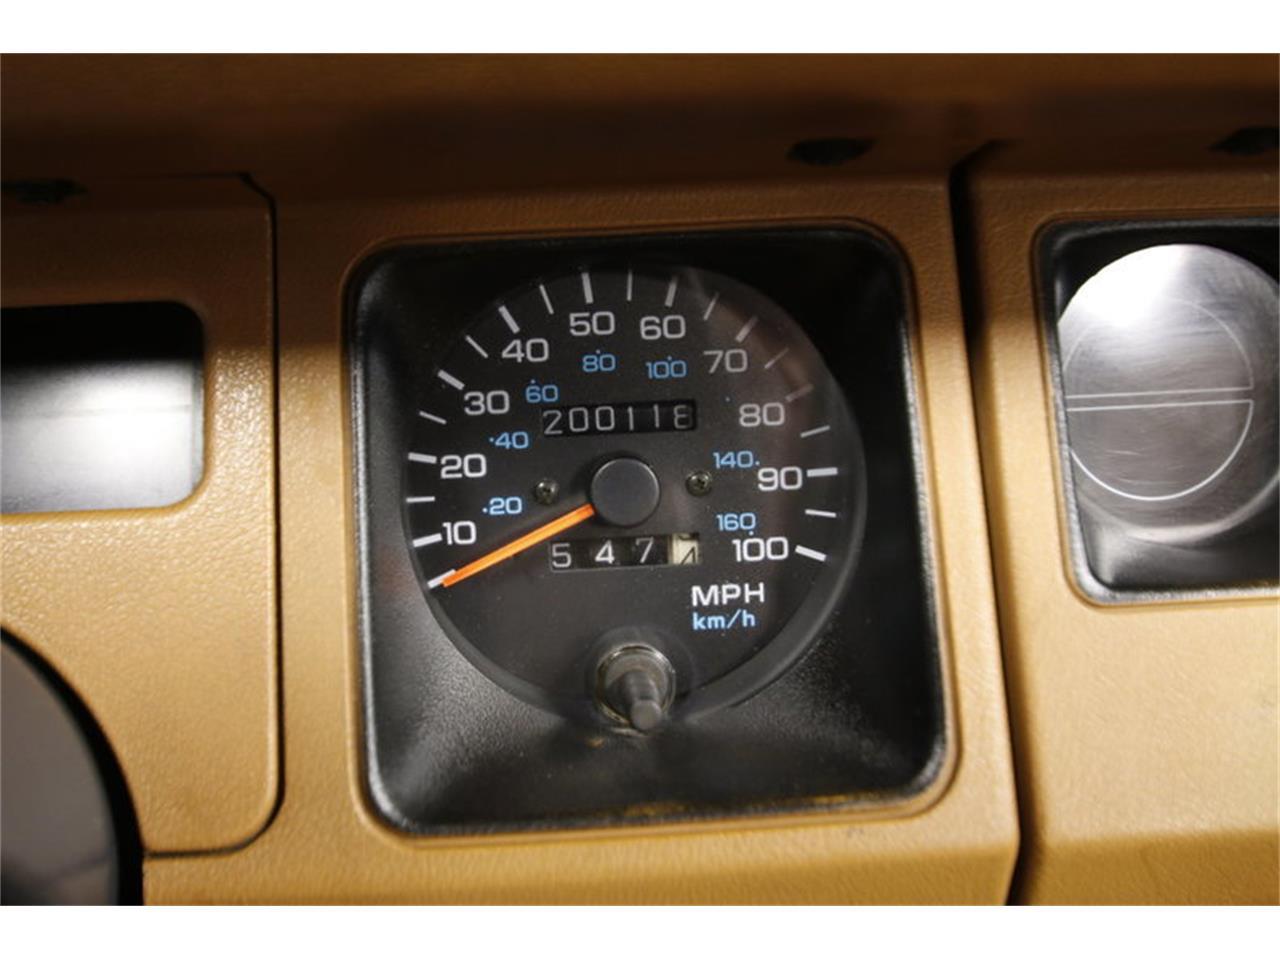 1995 Jeep Wrangler Rio Grande - Jurassic Park Theme in Concord, NC